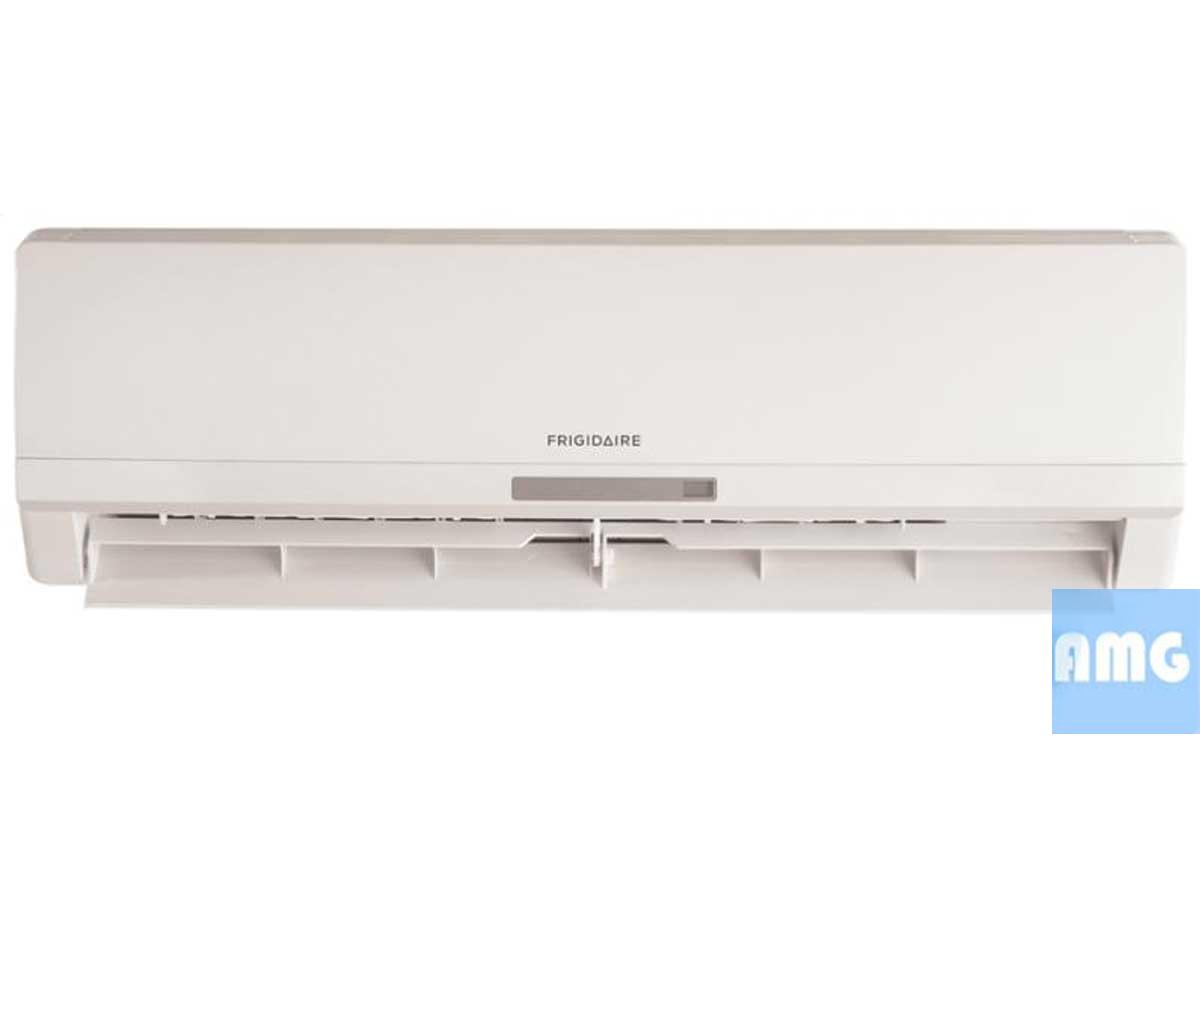 frigidaire ductless 9k mini split heat pump frs09pys1 front view  [ 1200 x 1021 Pixel ]